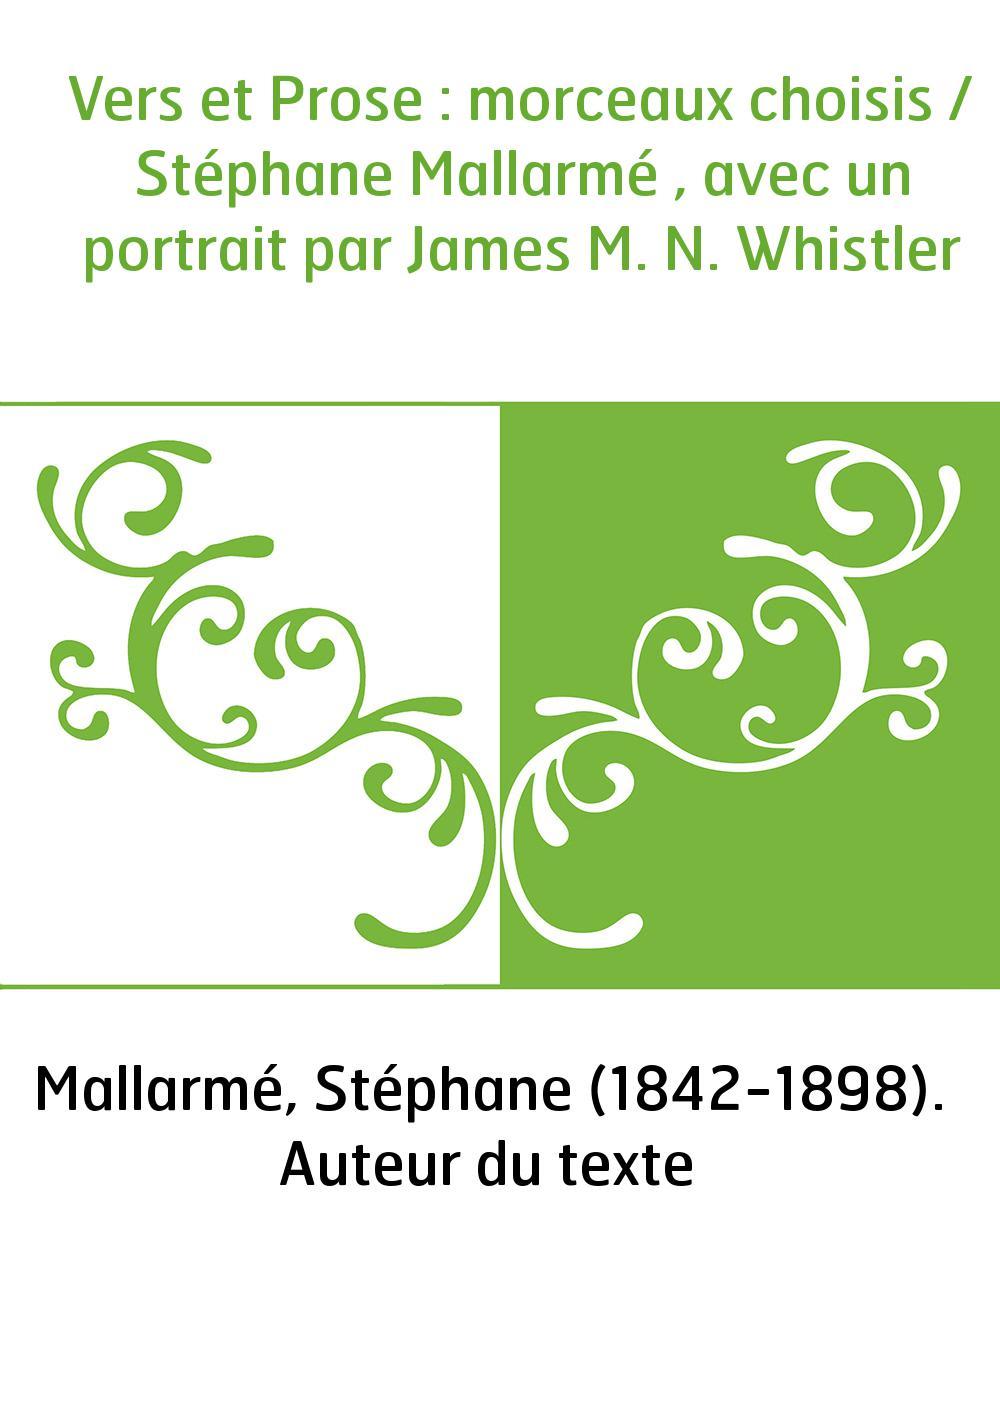 Vers et Prose : morceaux choisis / Stéphane Mallarmé , avec un portrait par James M. N. Whistler